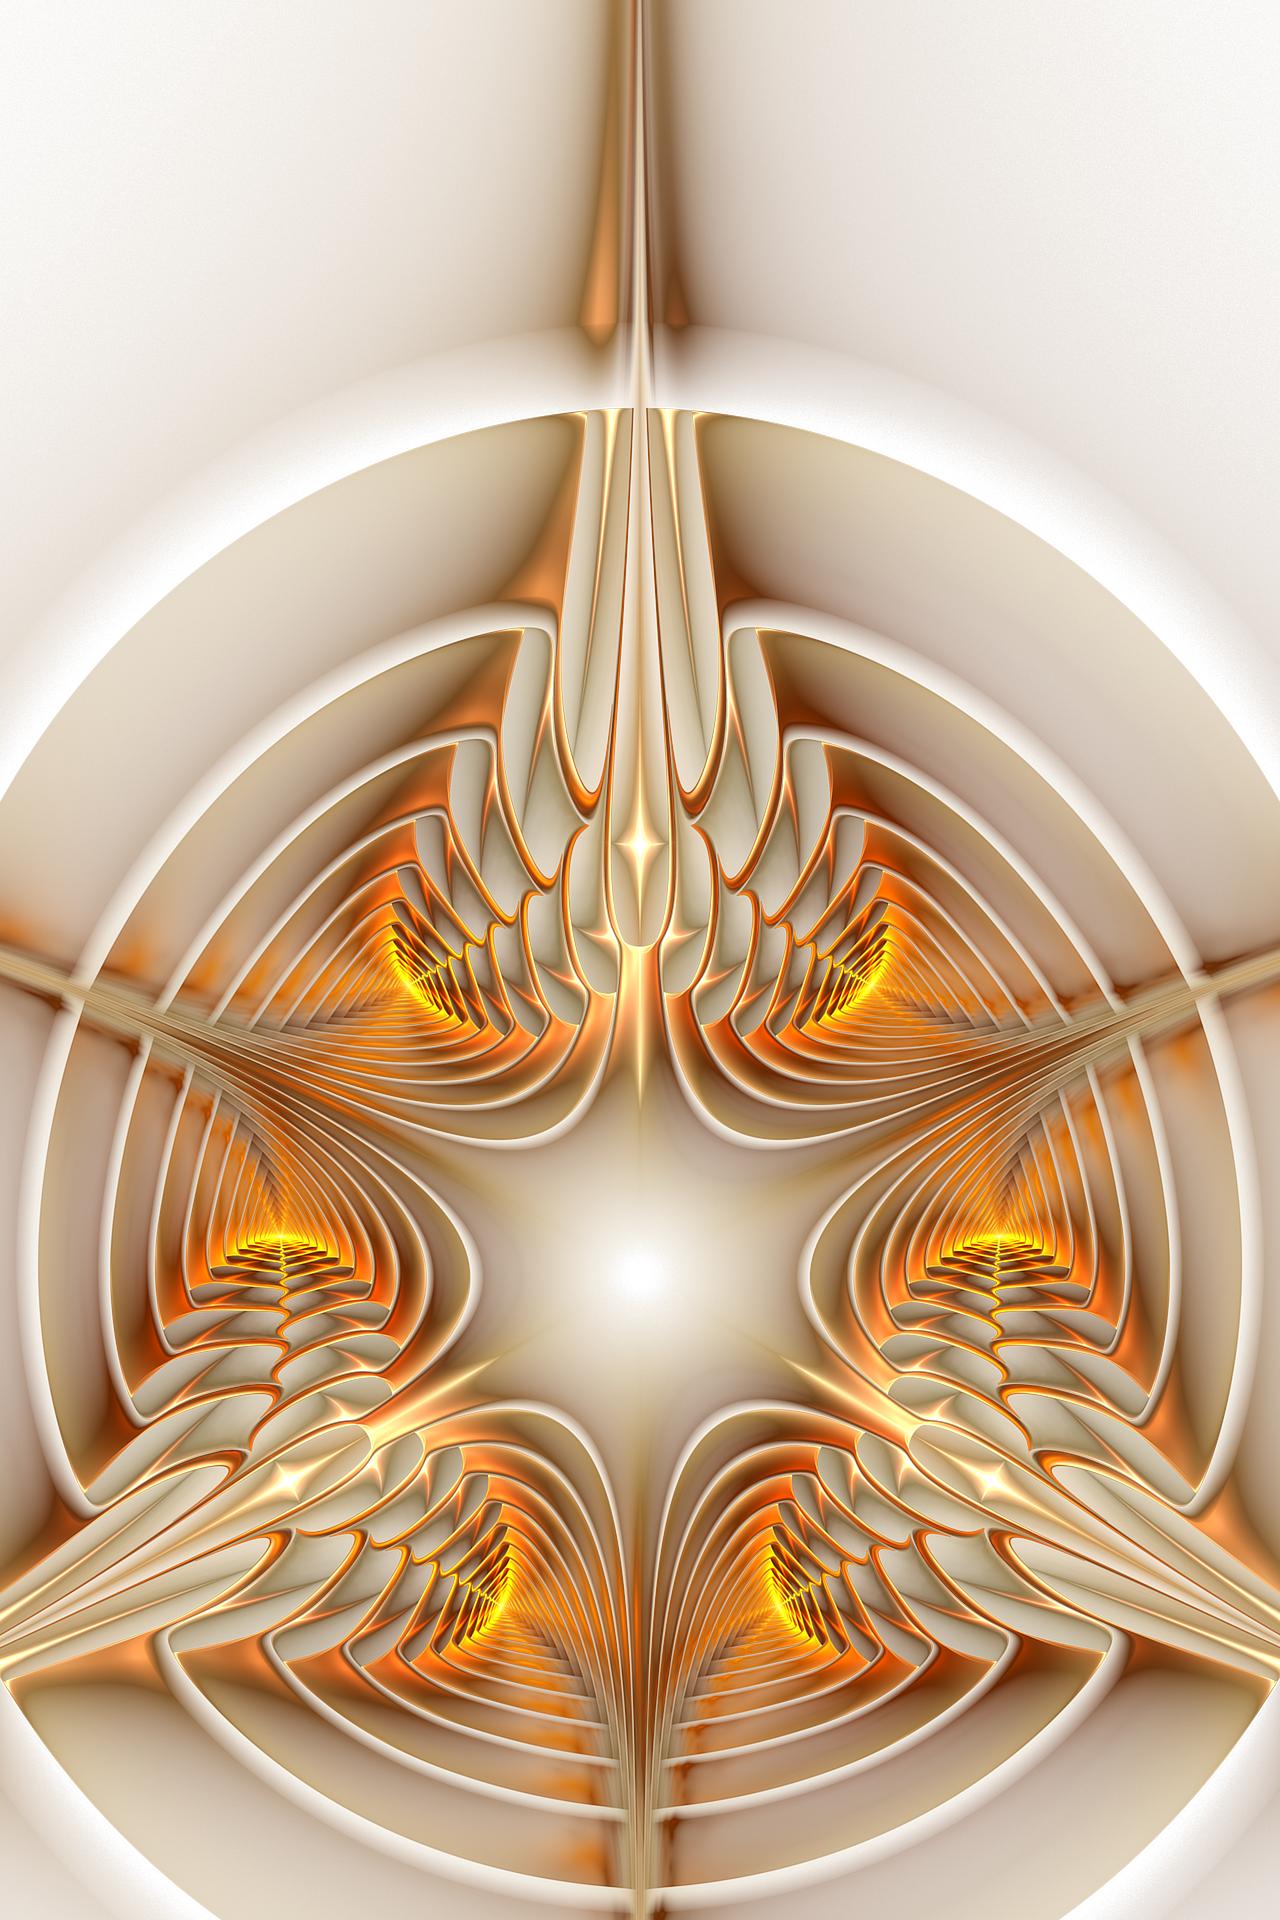 Trinity Sigil by plangkye